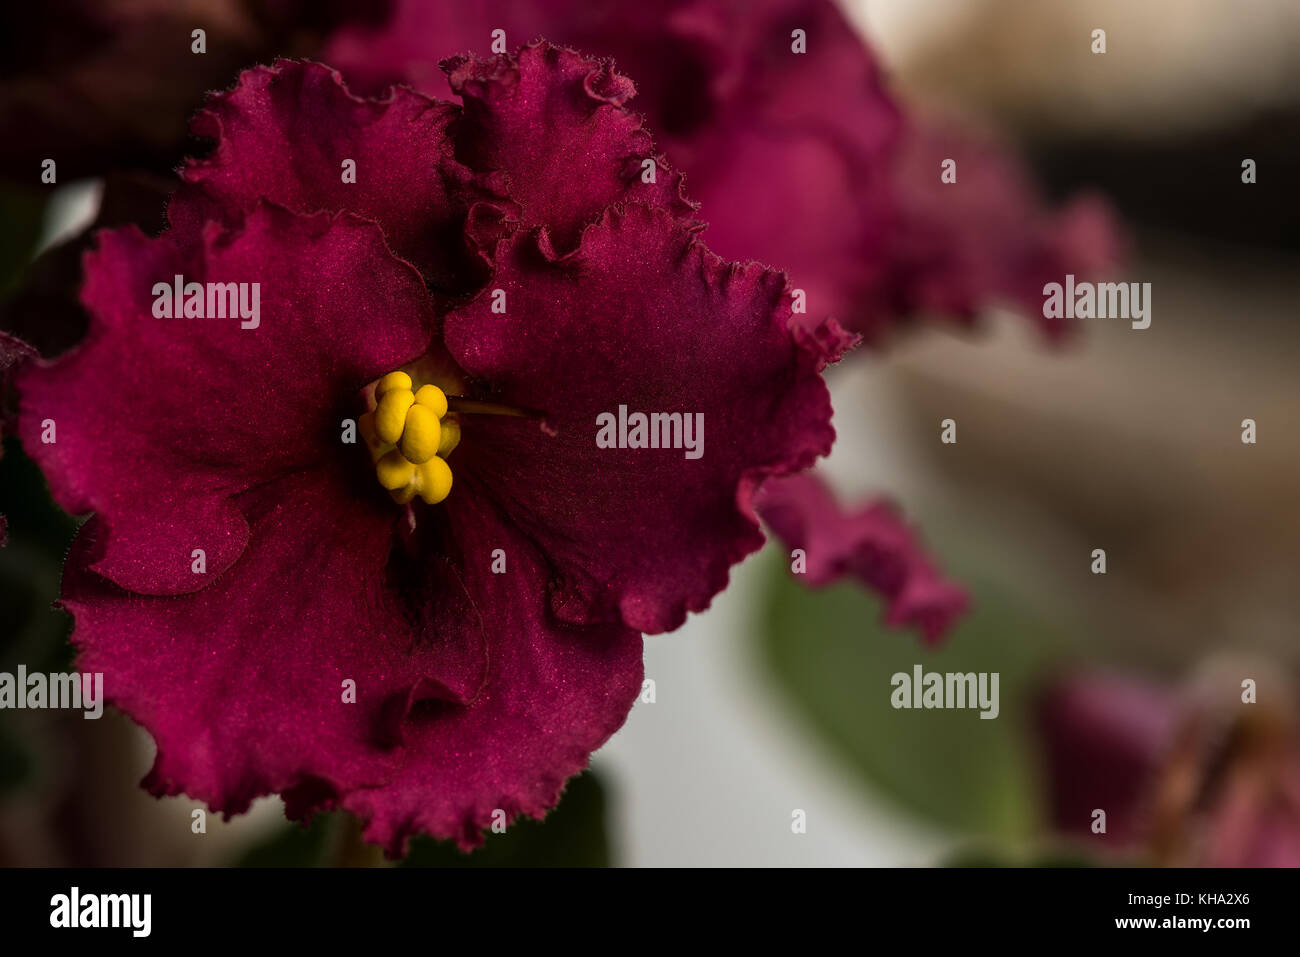 Fiori Gialli Borgogna.La Borgogna Fiore Di Violetta Con Ciuffo Di Stami Gialli Foto